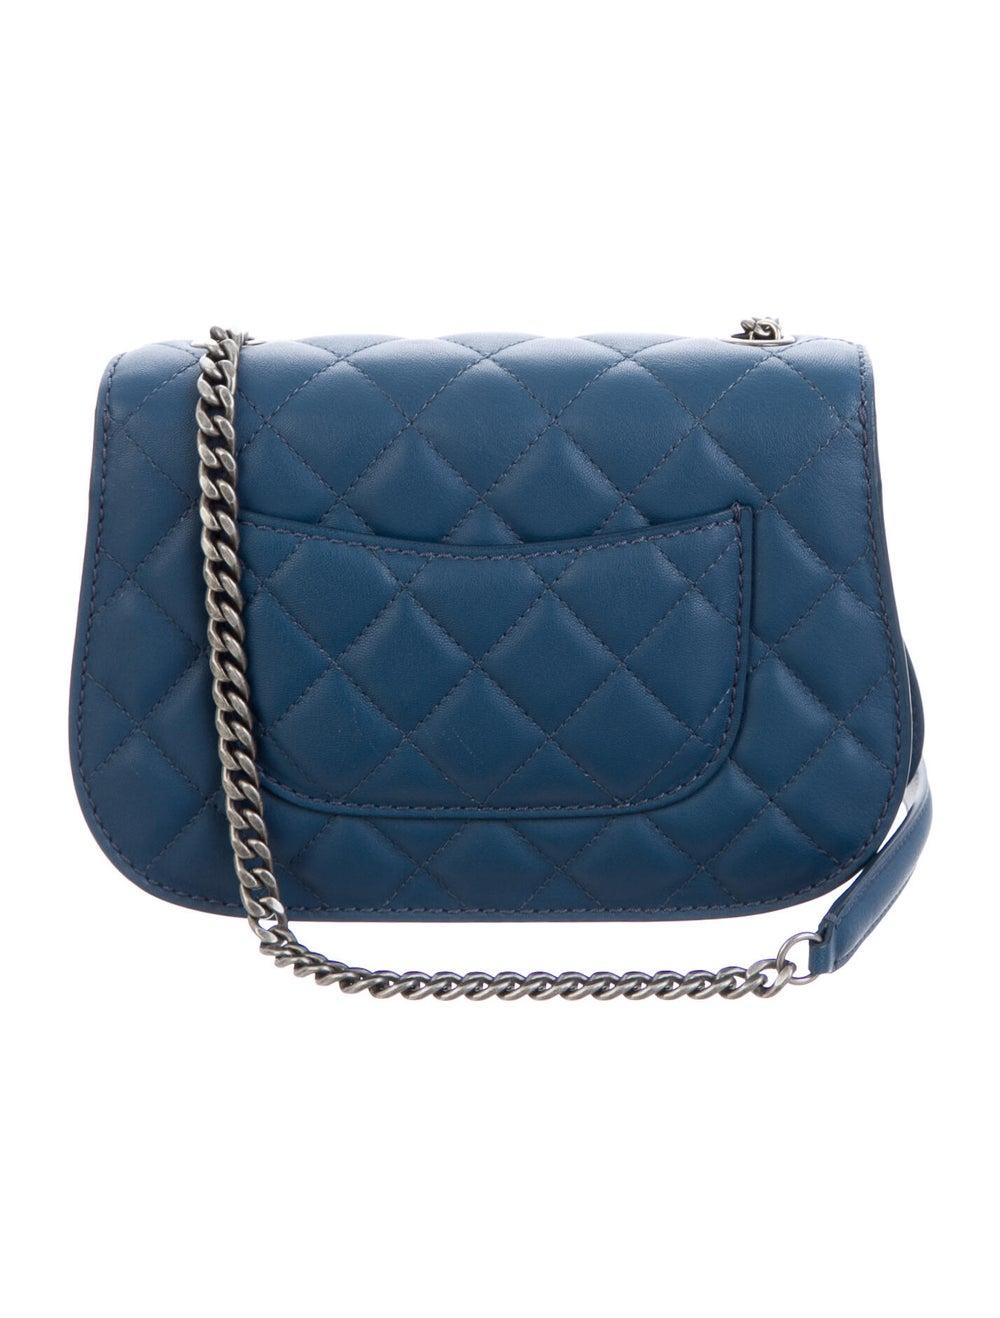 Chanel Flap Messenger Bag Blue - image 4